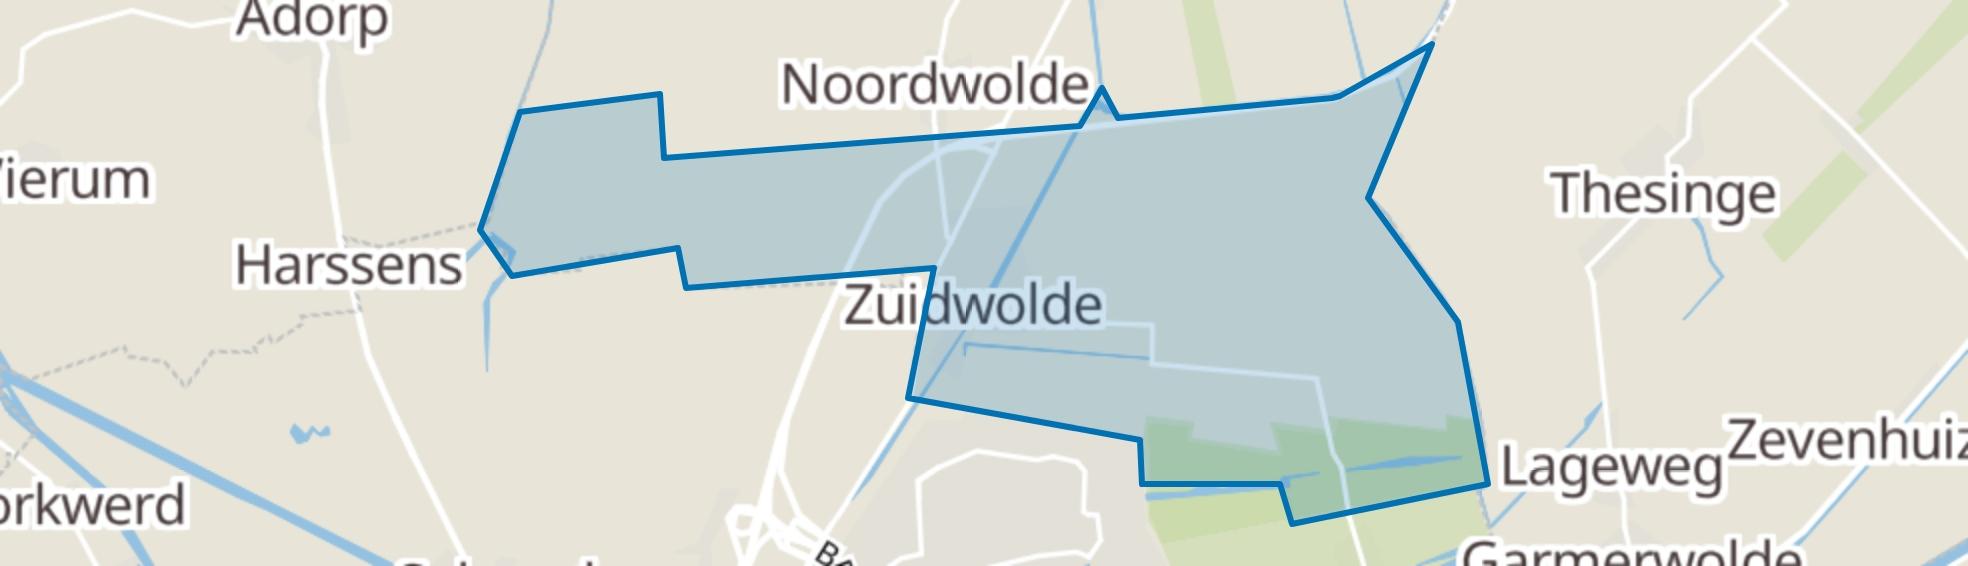 Zuidwolde (GR) map